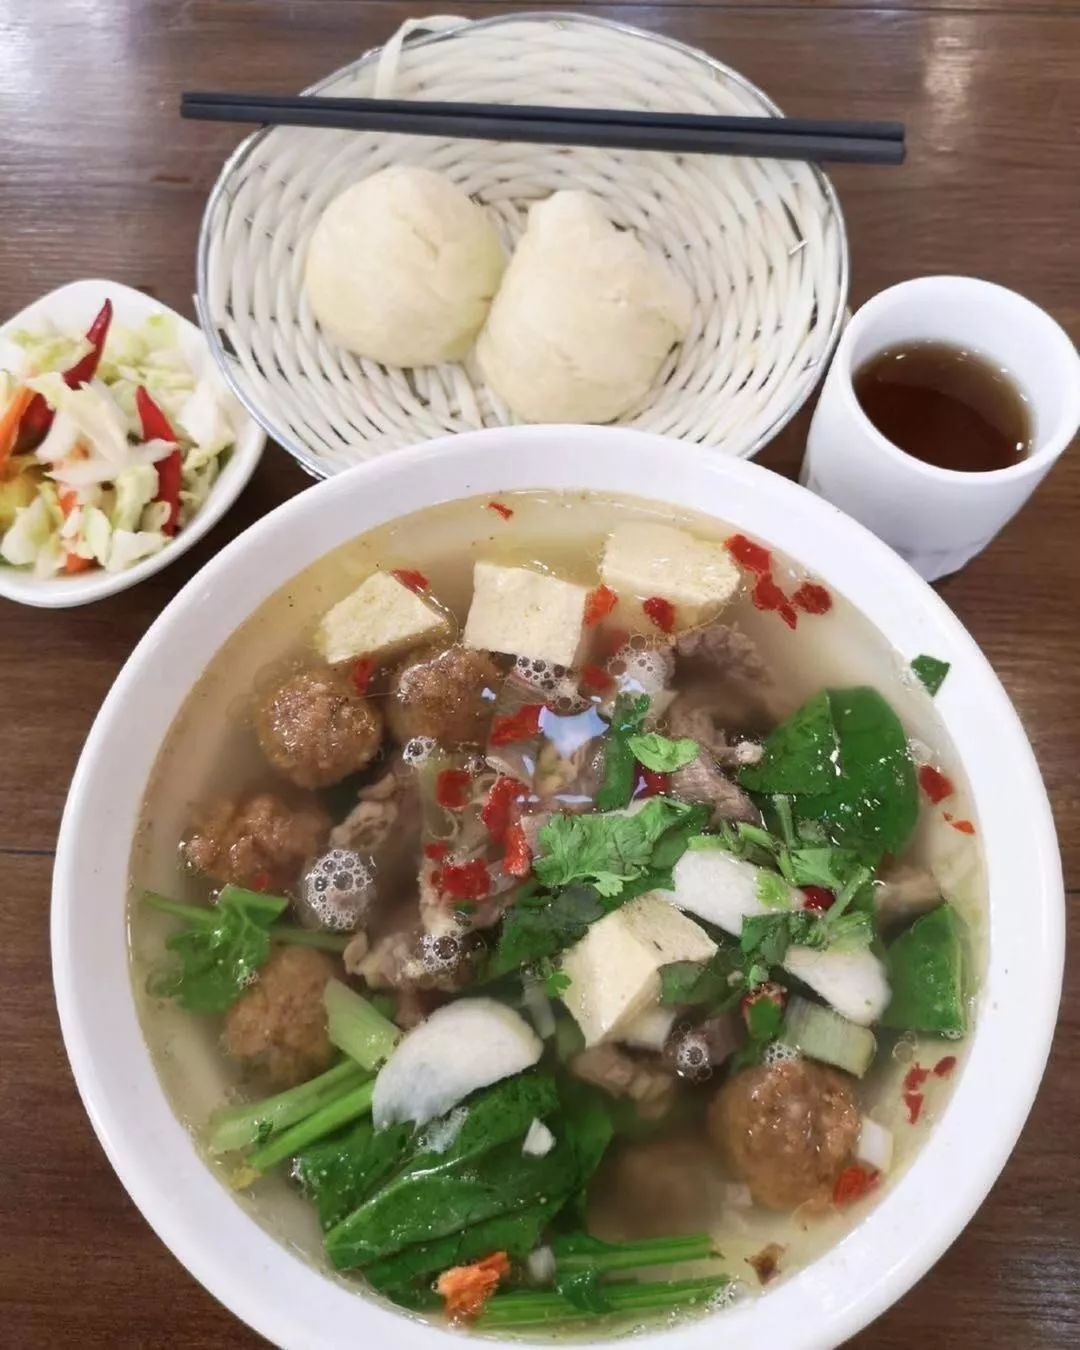 新疆就是主食的天堂啊!